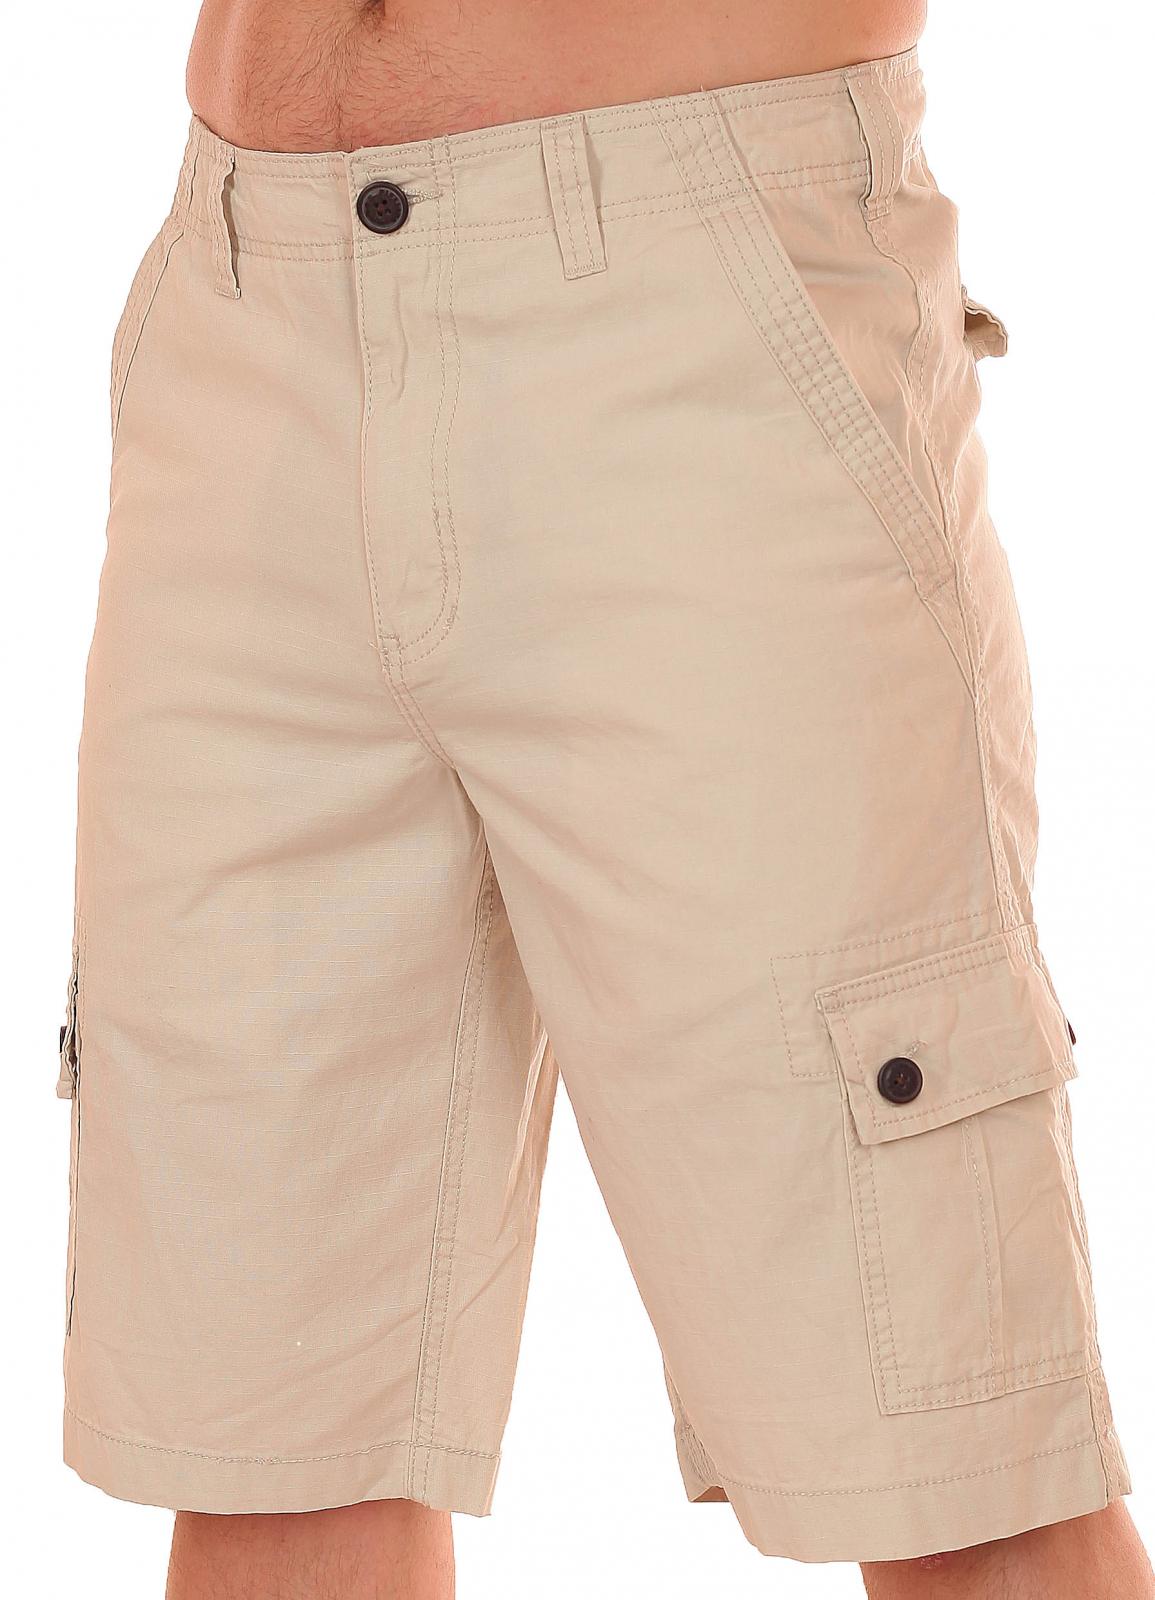 Элегантные светлые шорты Cargo от бренда Urban (США)